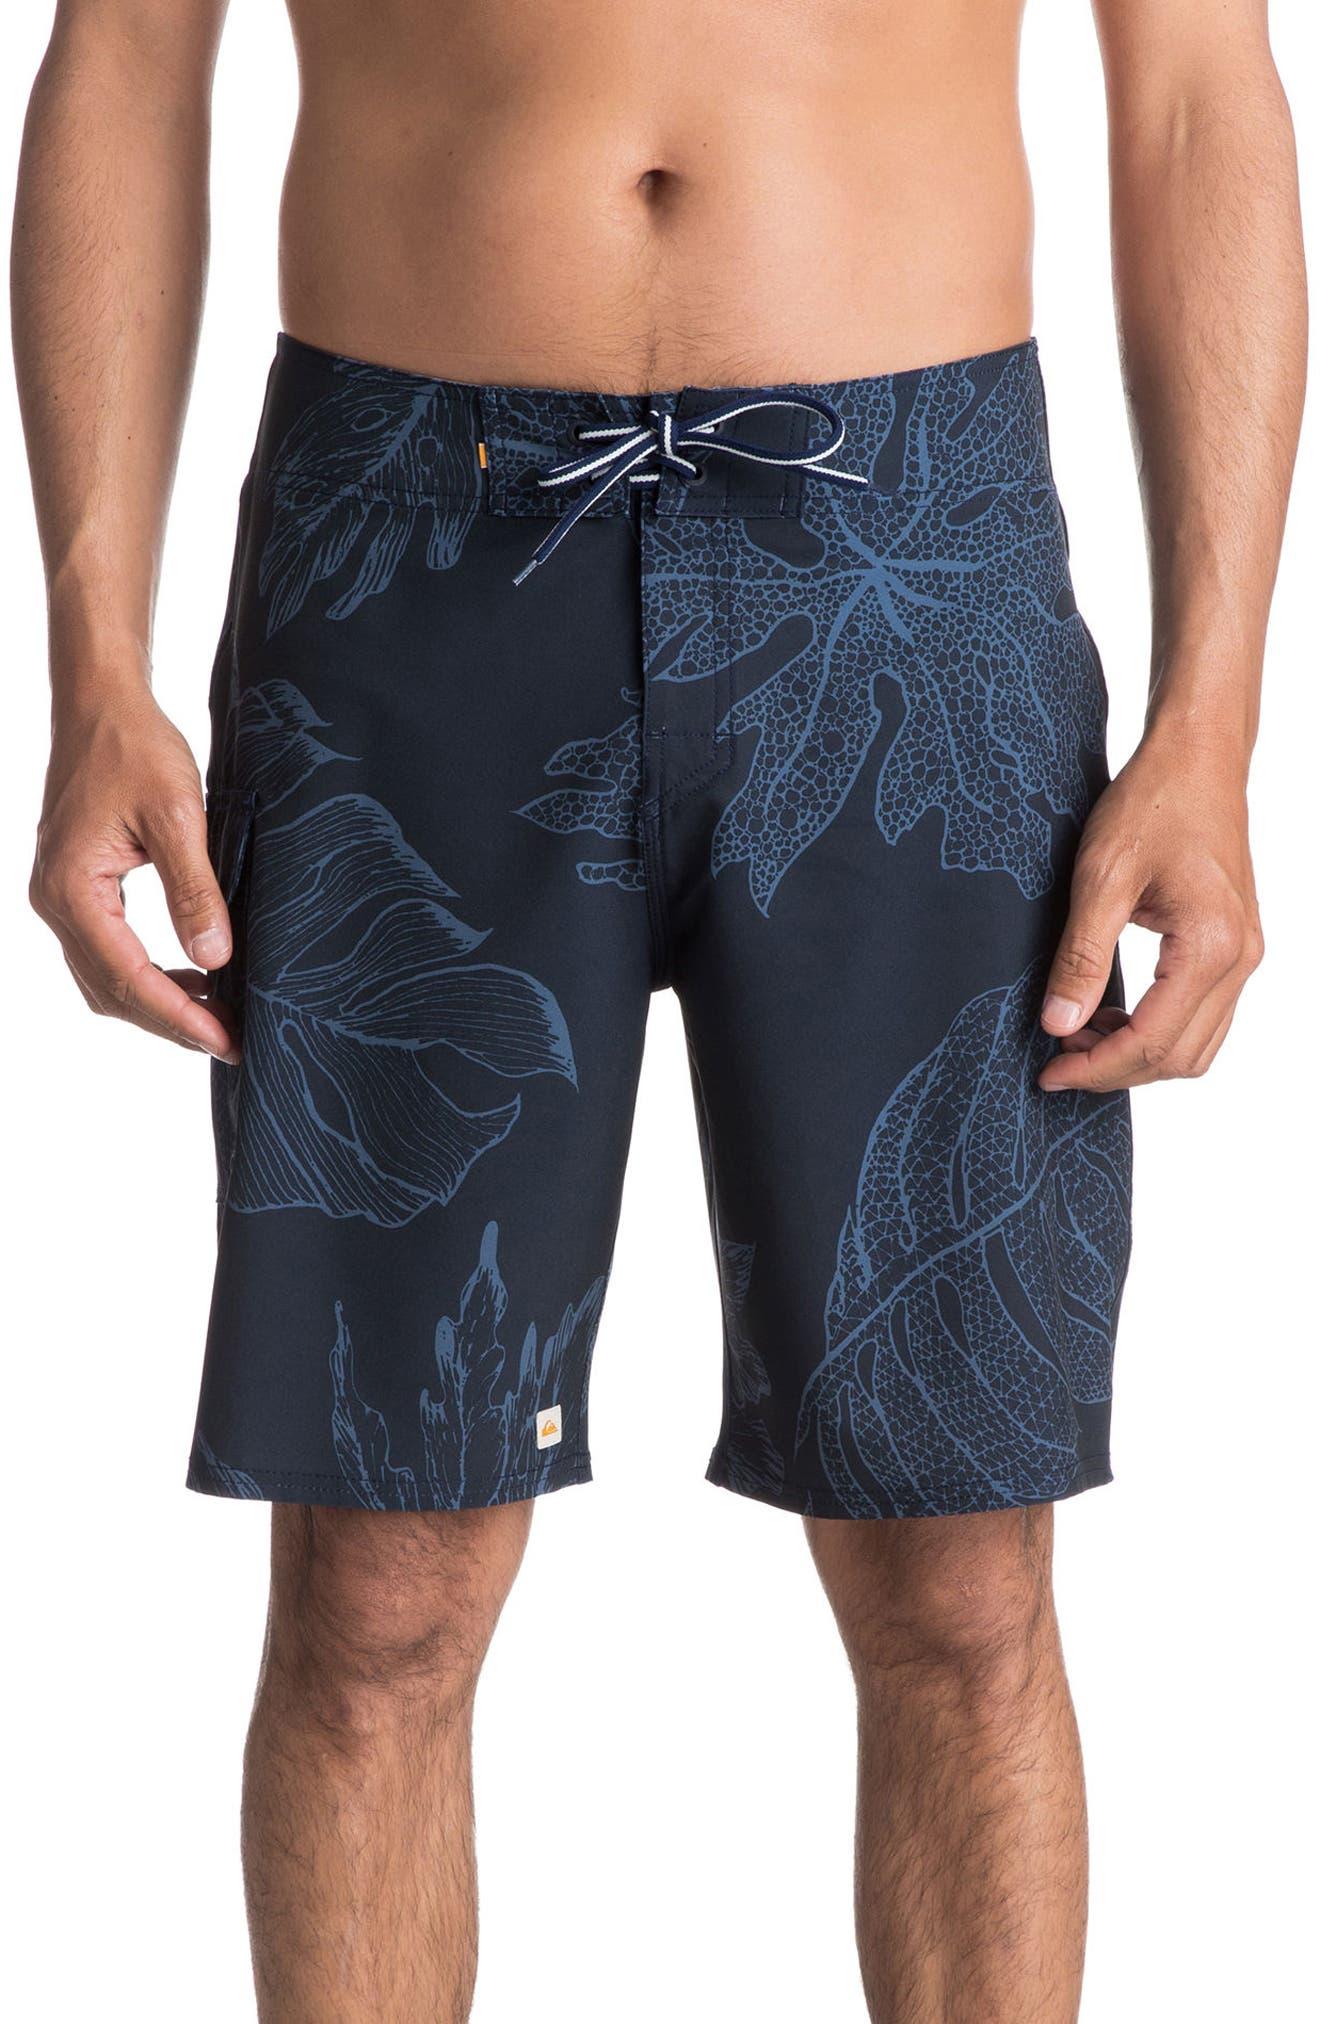 Xoa Board Shorts,                             Main thumbnail 1, color,                             Navy Blazer